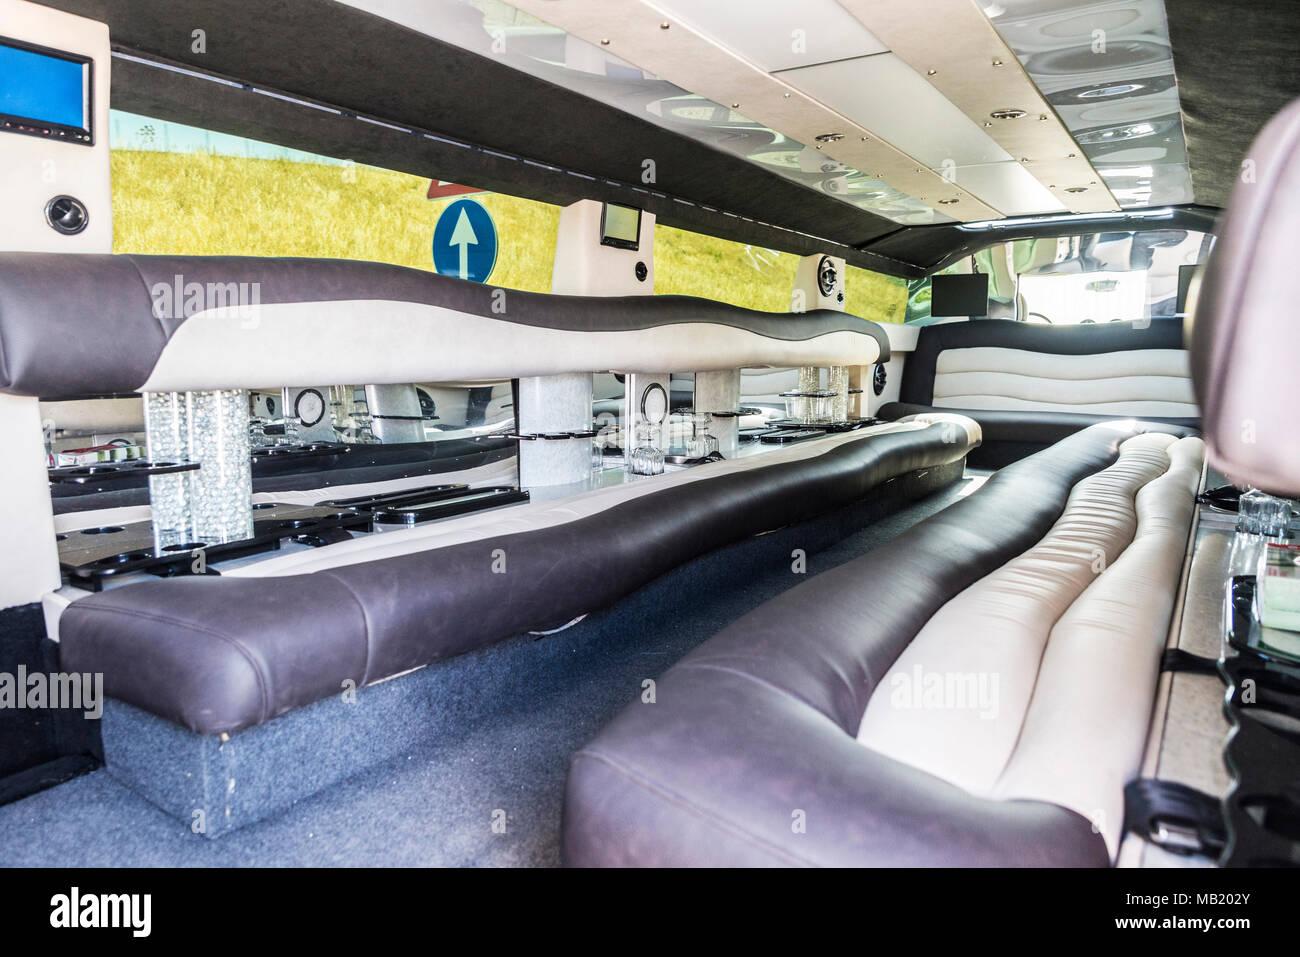 august 2017 luxurise interieur einer limousine der marke hummer mit einer obligatorischen richtung verkehrsschild in palermo sizilien es